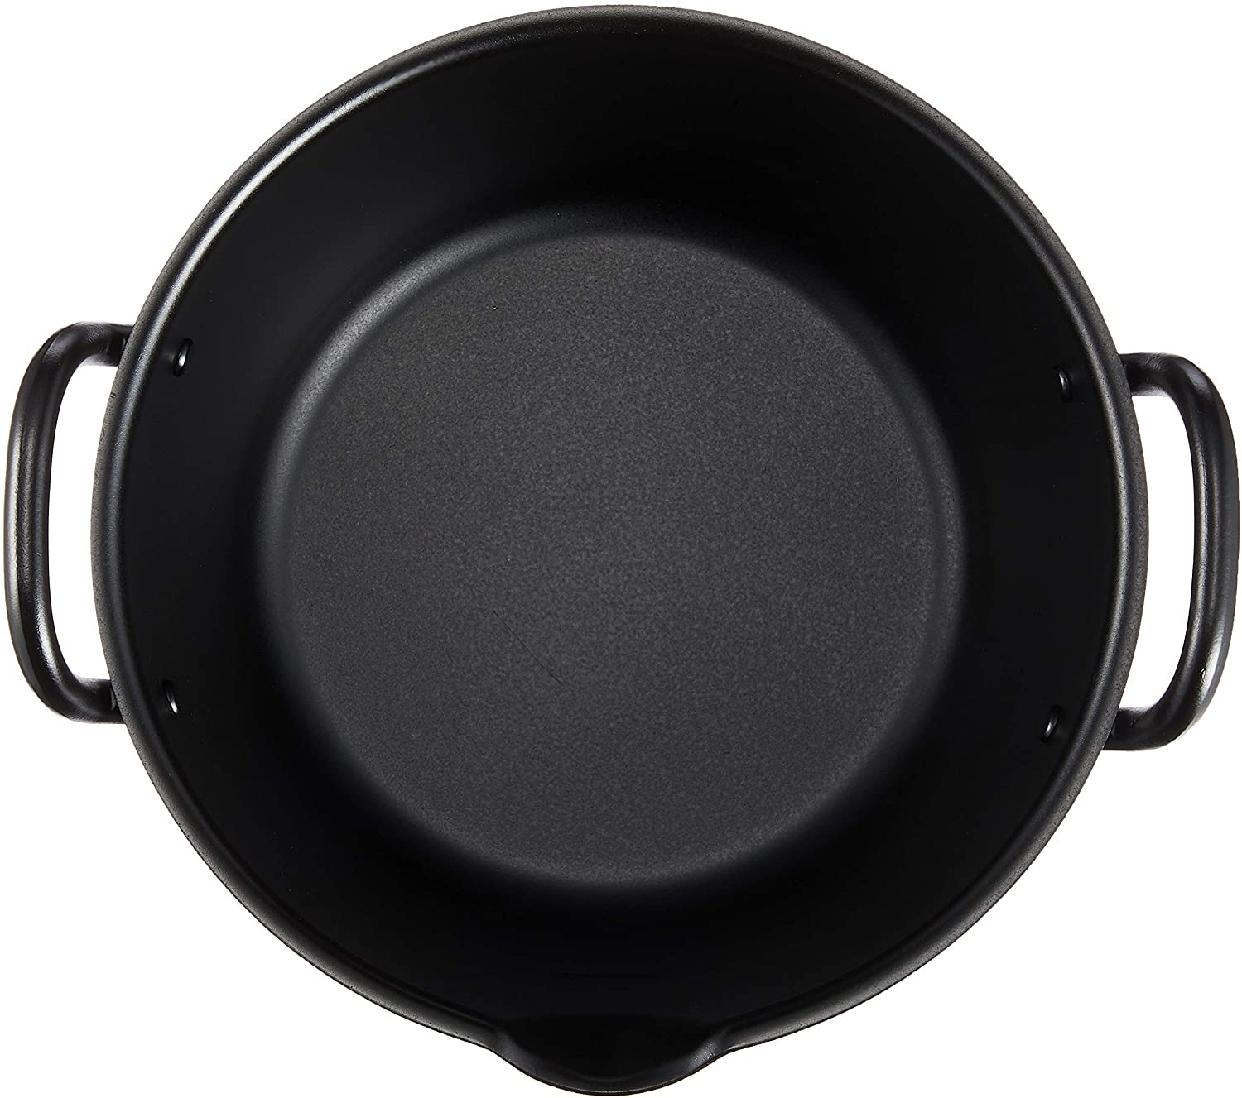 summit(サミット) IHたっぷり深型揚げ鍋20㎝(フタ付)ブラックの商品画像3